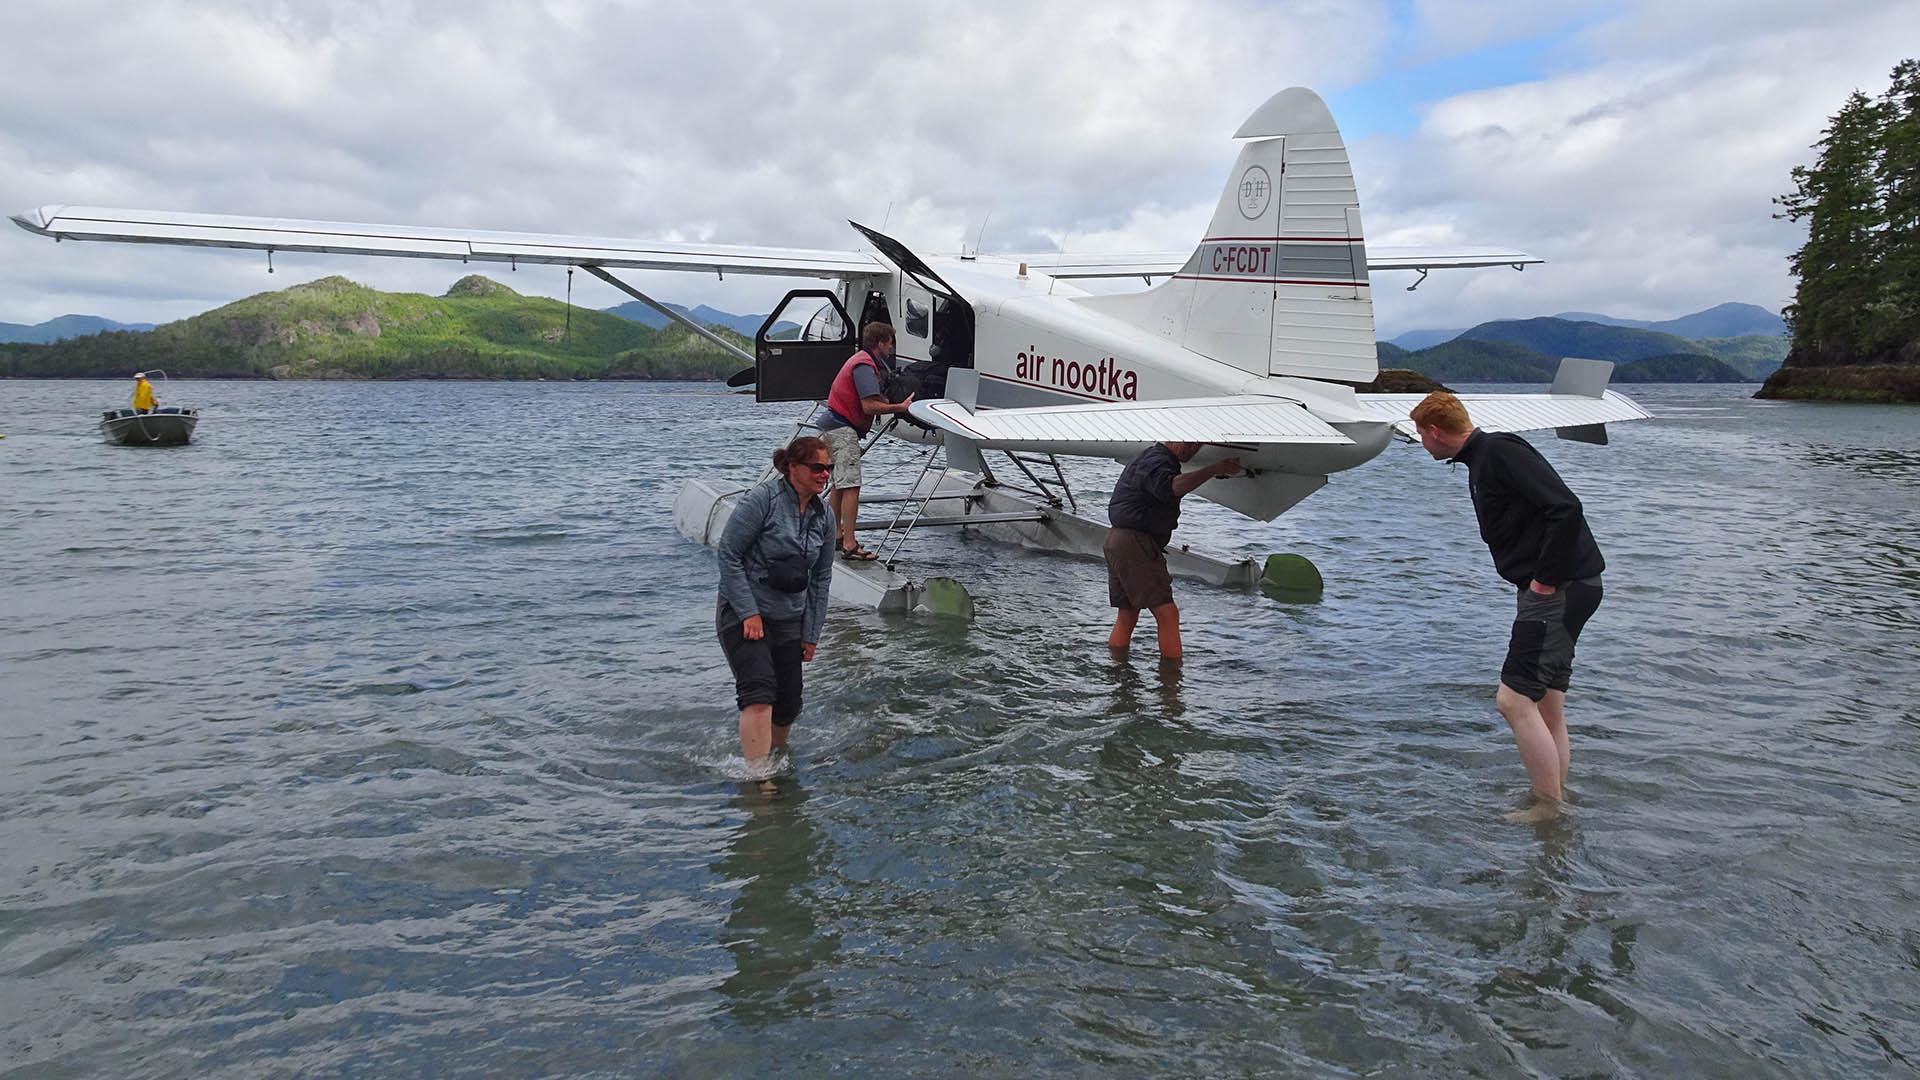 Nootka Island landing - Zonder 2018